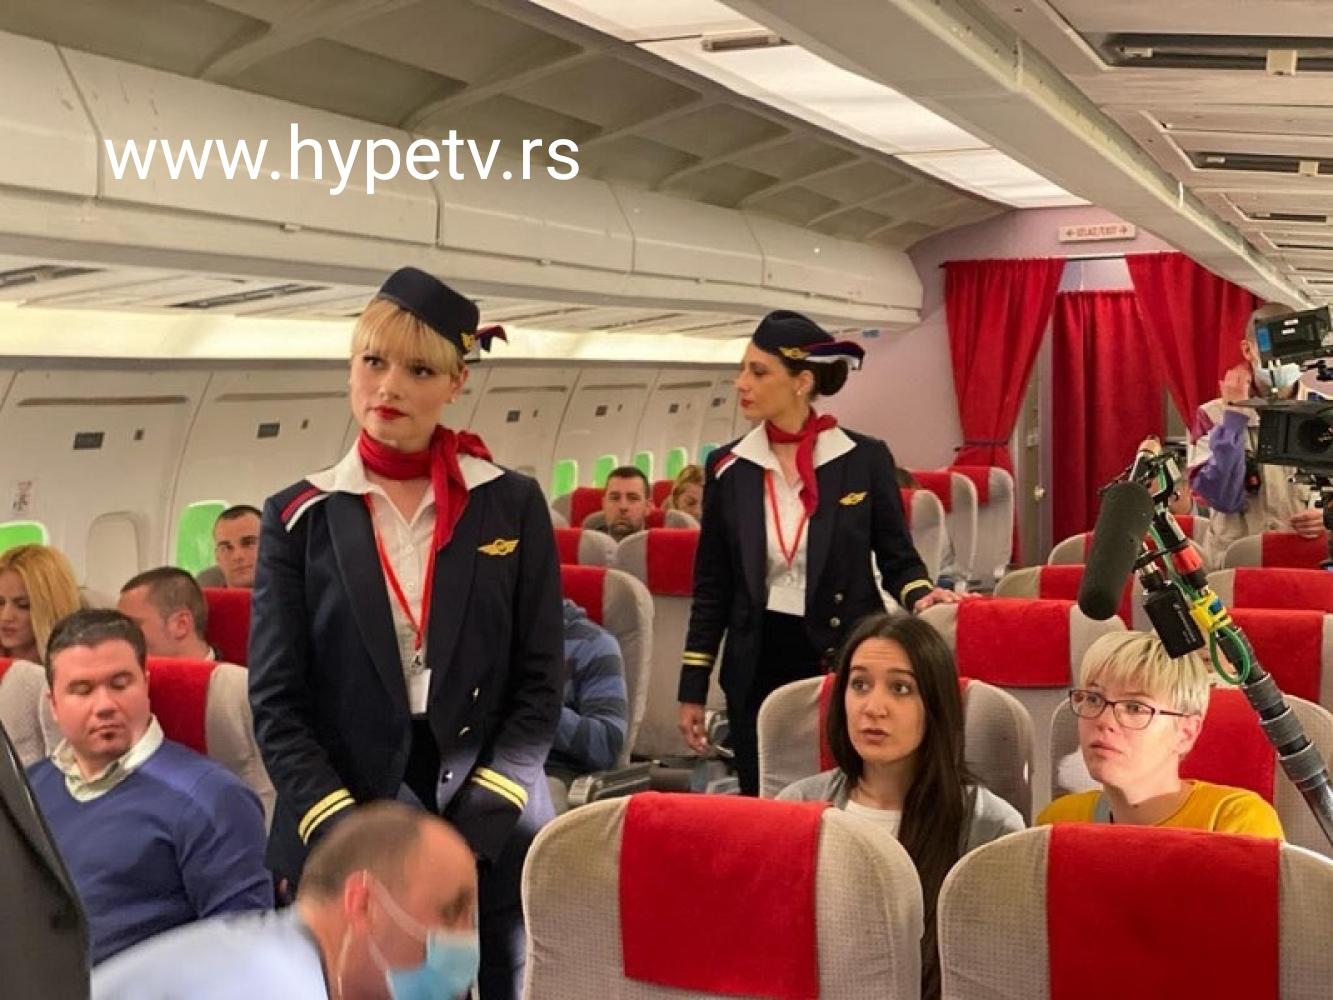 VEŽITE SE POLEĆEMO:Saša Mirković i Hype TV snimaju Aviondžije!